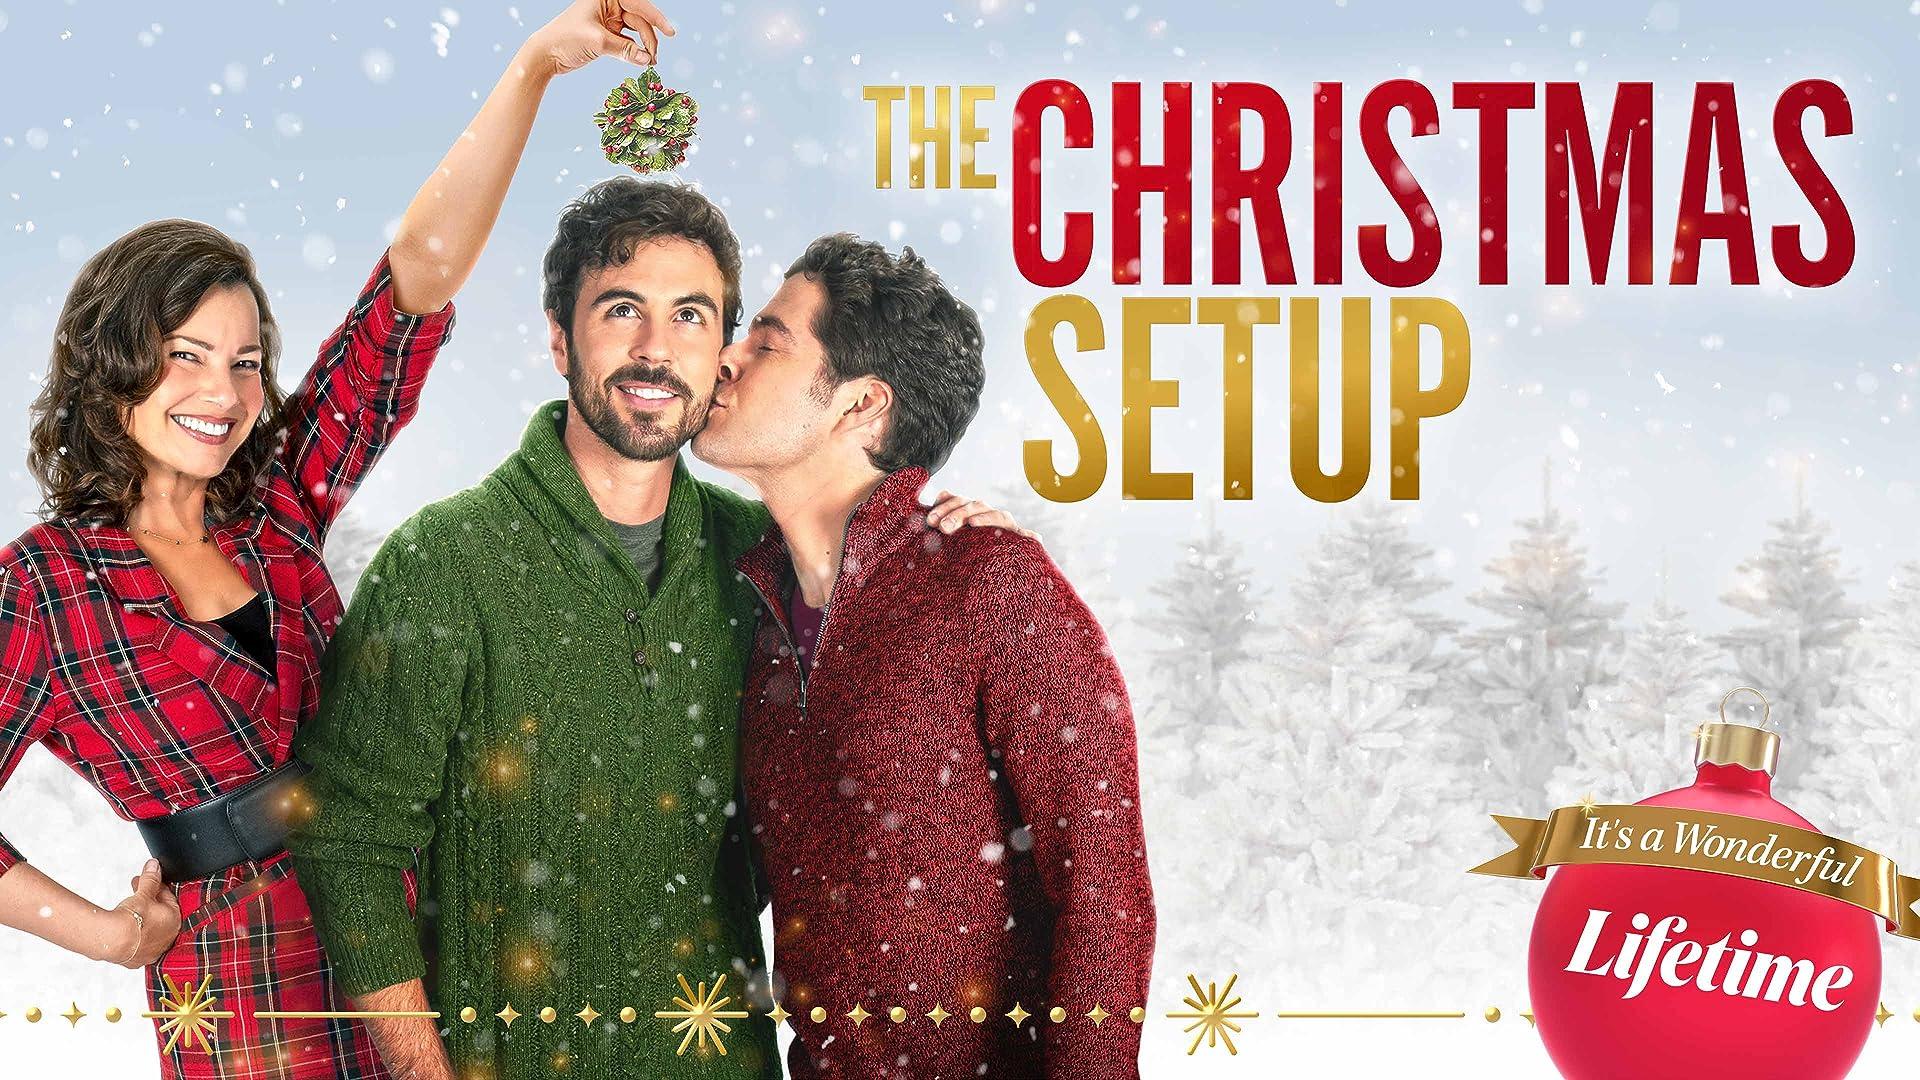 The Christmas Setup